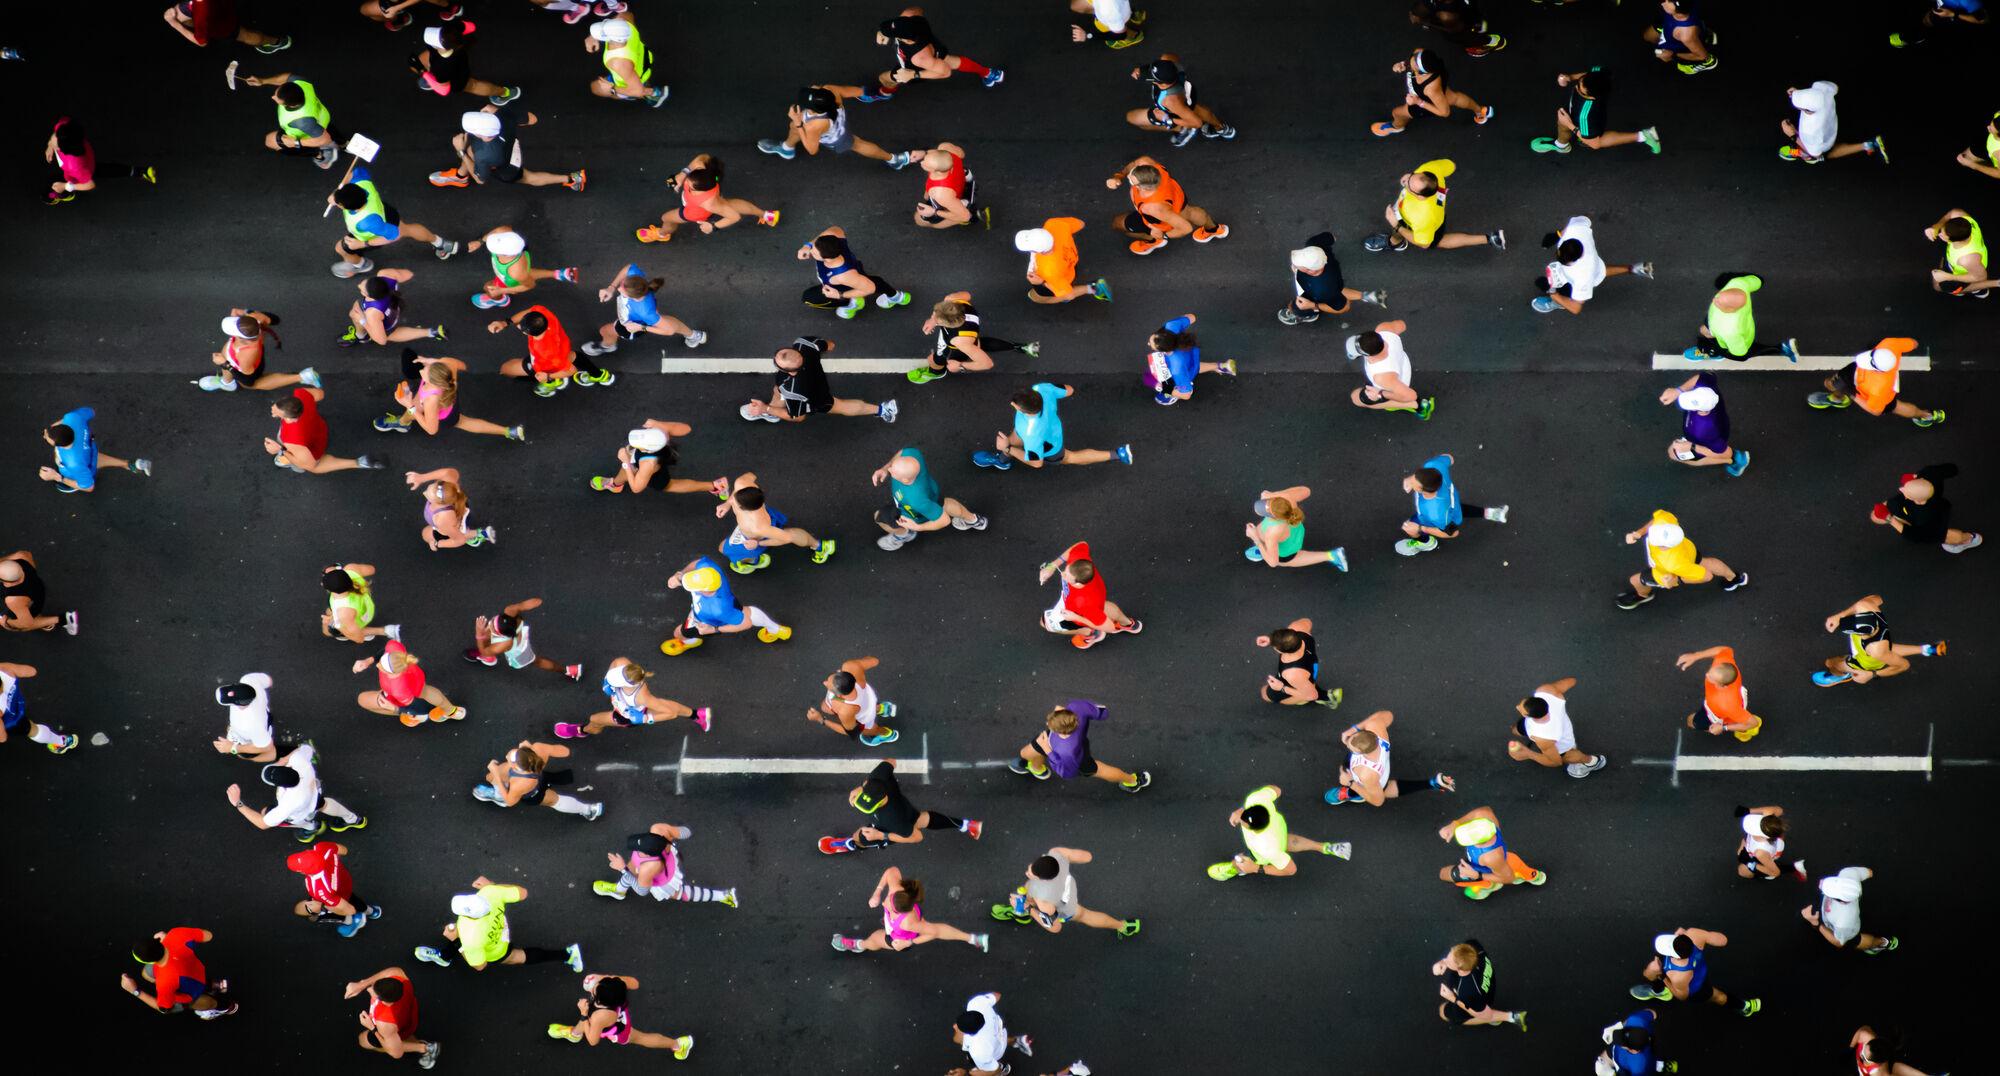 25 тысяч марафонцев иискусственный интеллект разгадали секрет бега на длинные дистанции